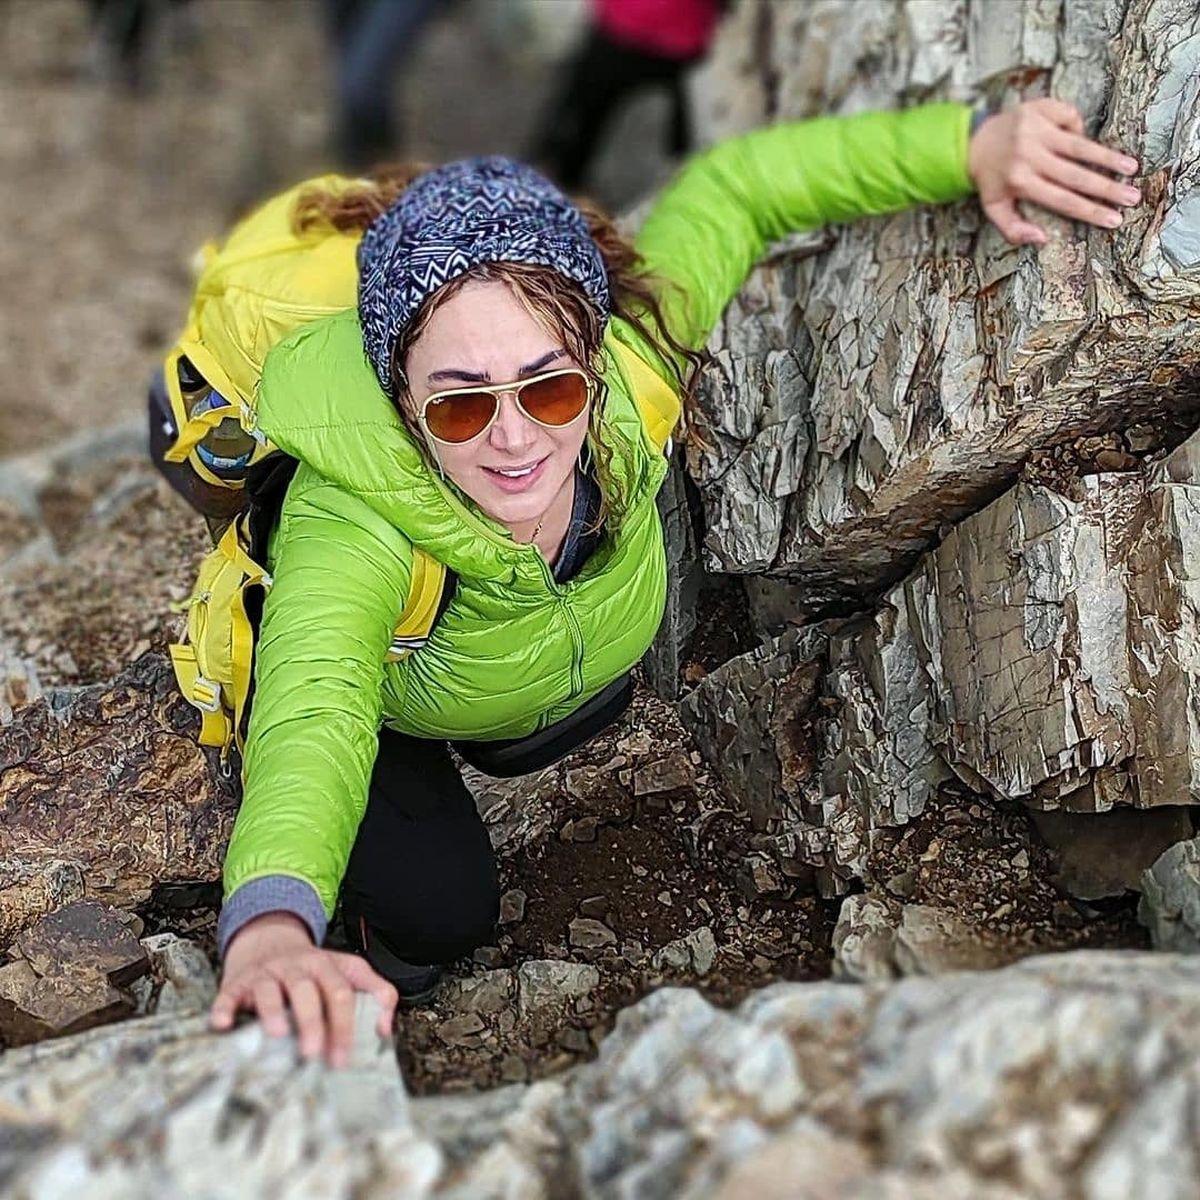 تیپ آنا نعمتی در کوه ! + عکس